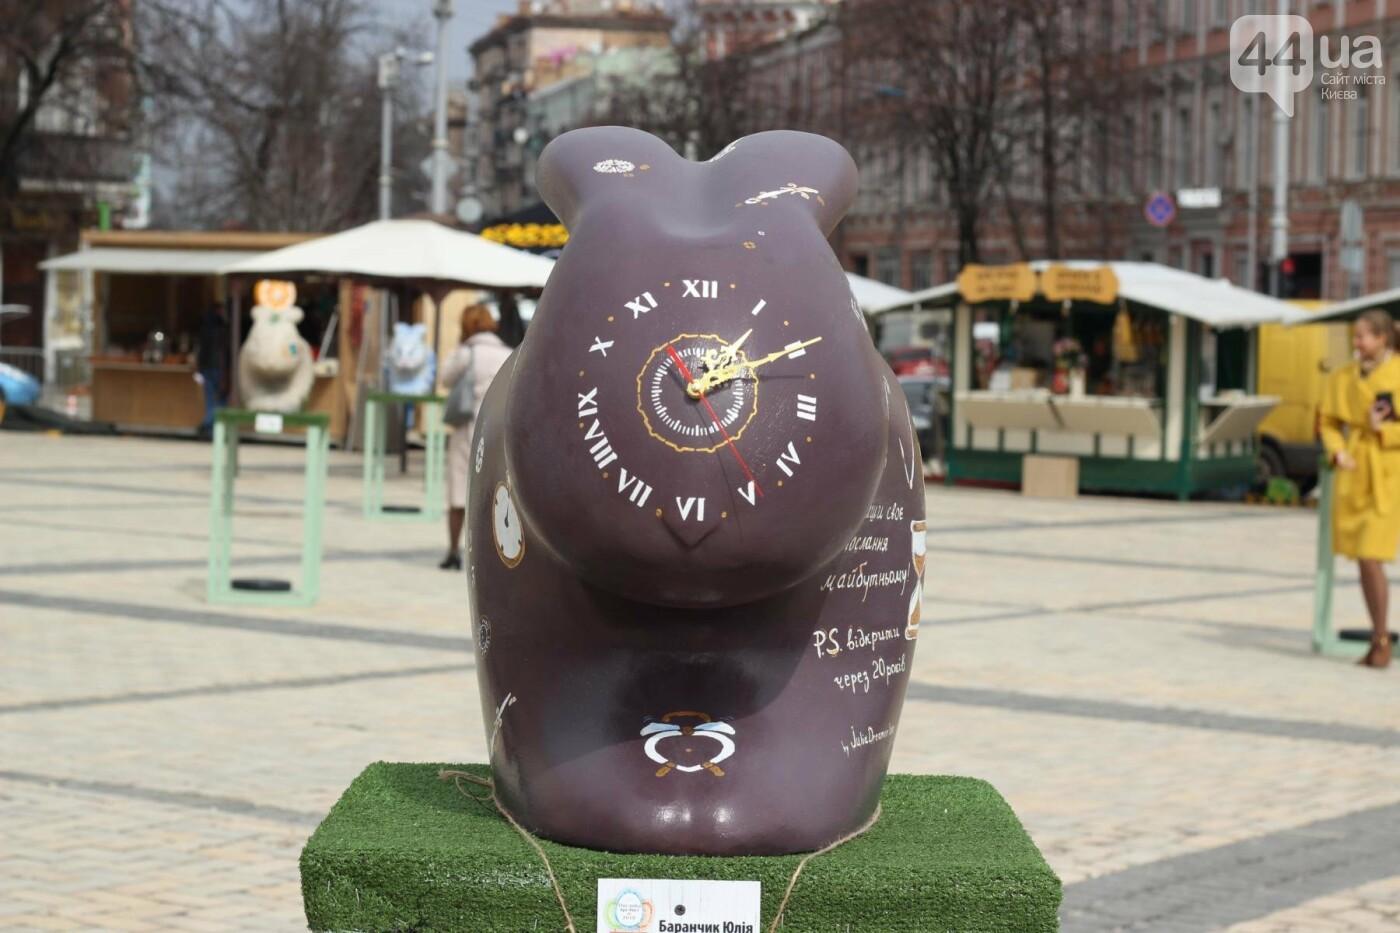 Писанки и кролики: как на Софийской площади проходит Пасхальный фестиваль, фото-6